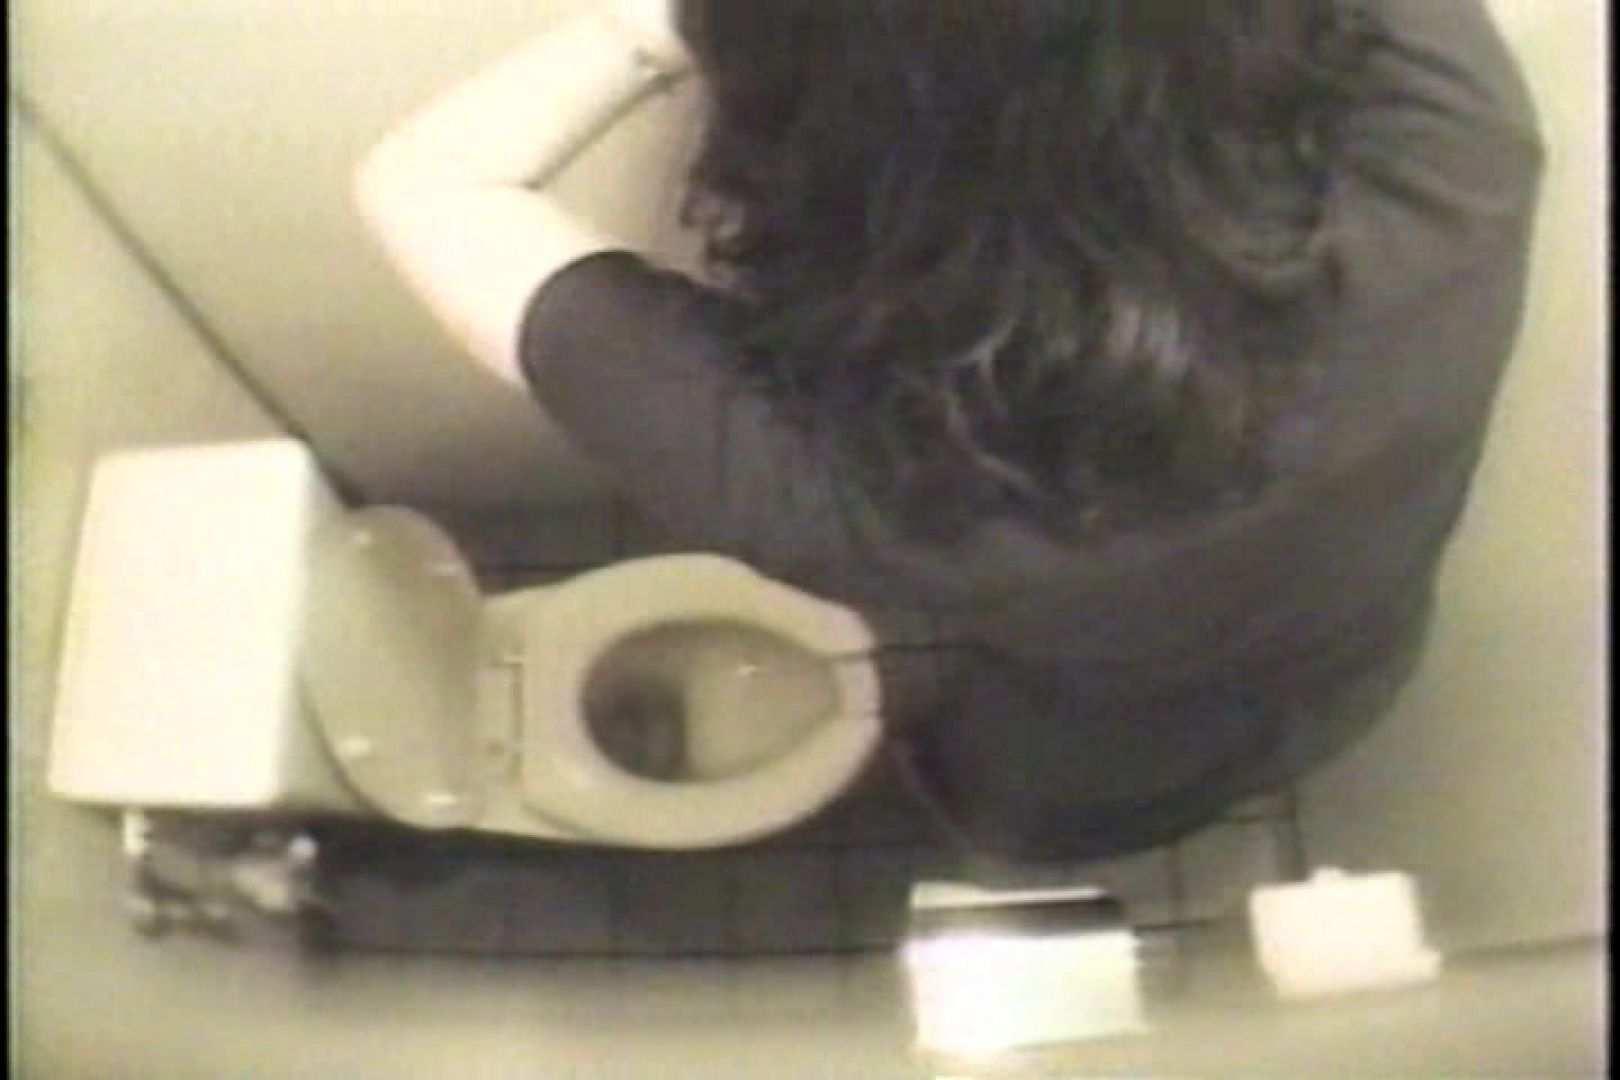 盗撮 女子洗面所3ヶ所入ってしゃがんで音出して プライベート  109連発 80